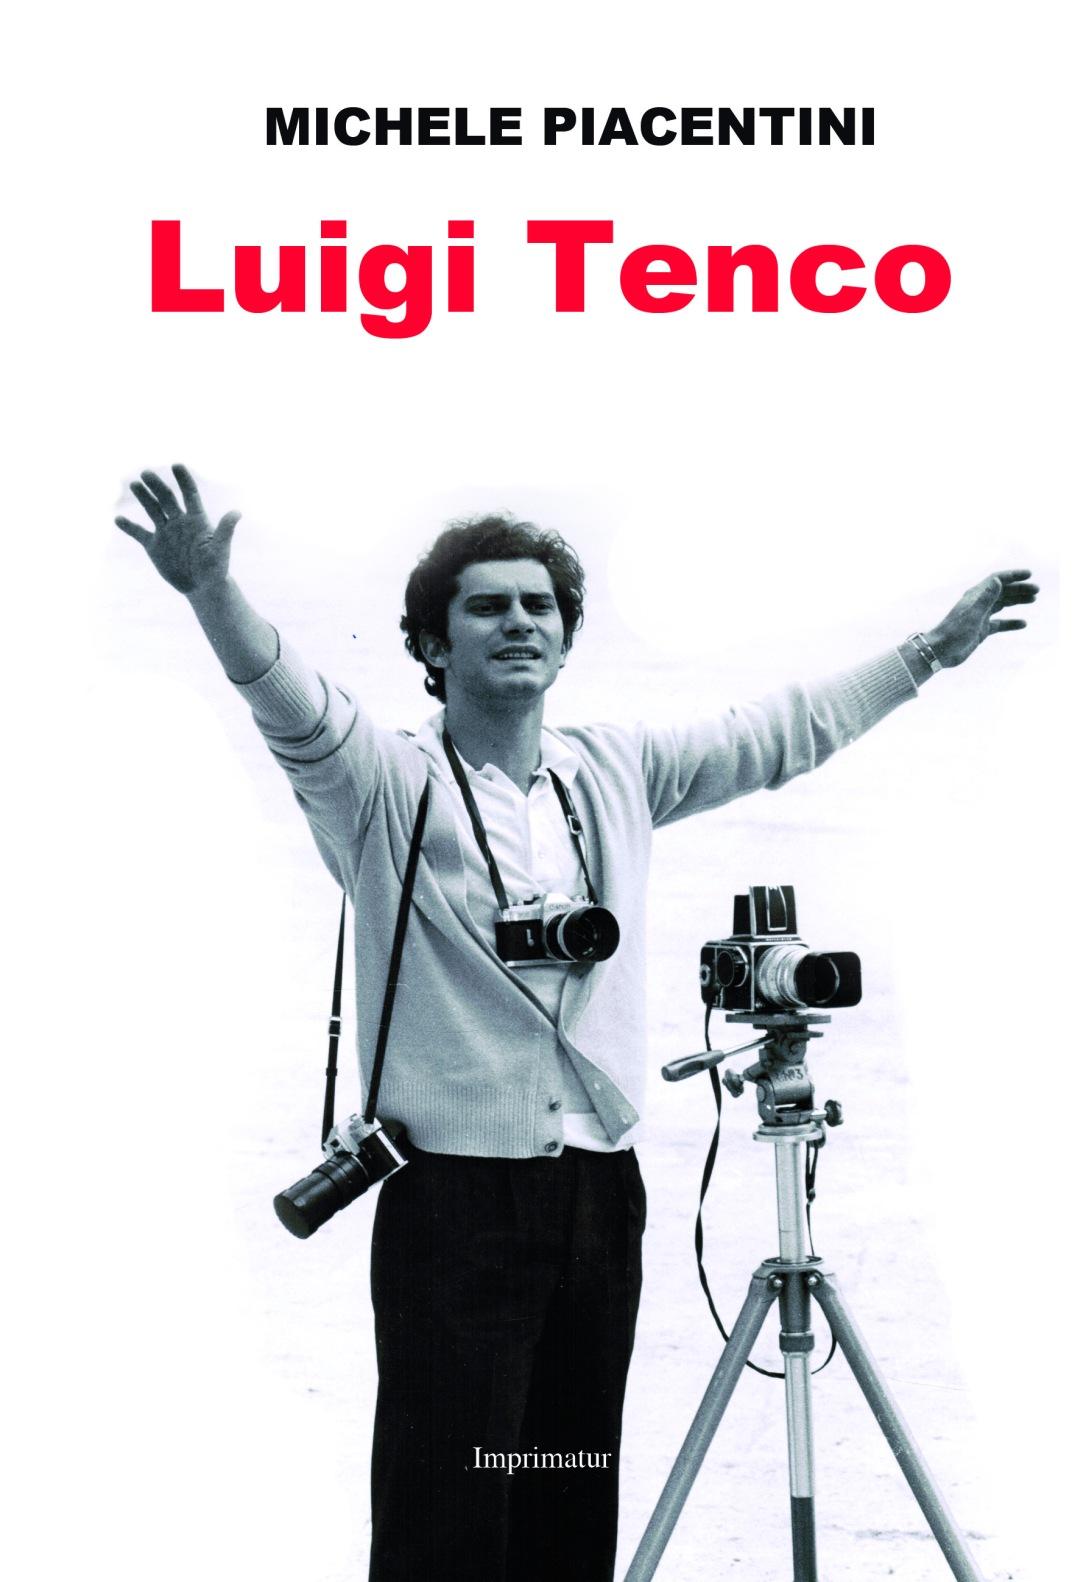 Luigi_Tenco_Michele_Piacentini-Imprimatur-Fonte